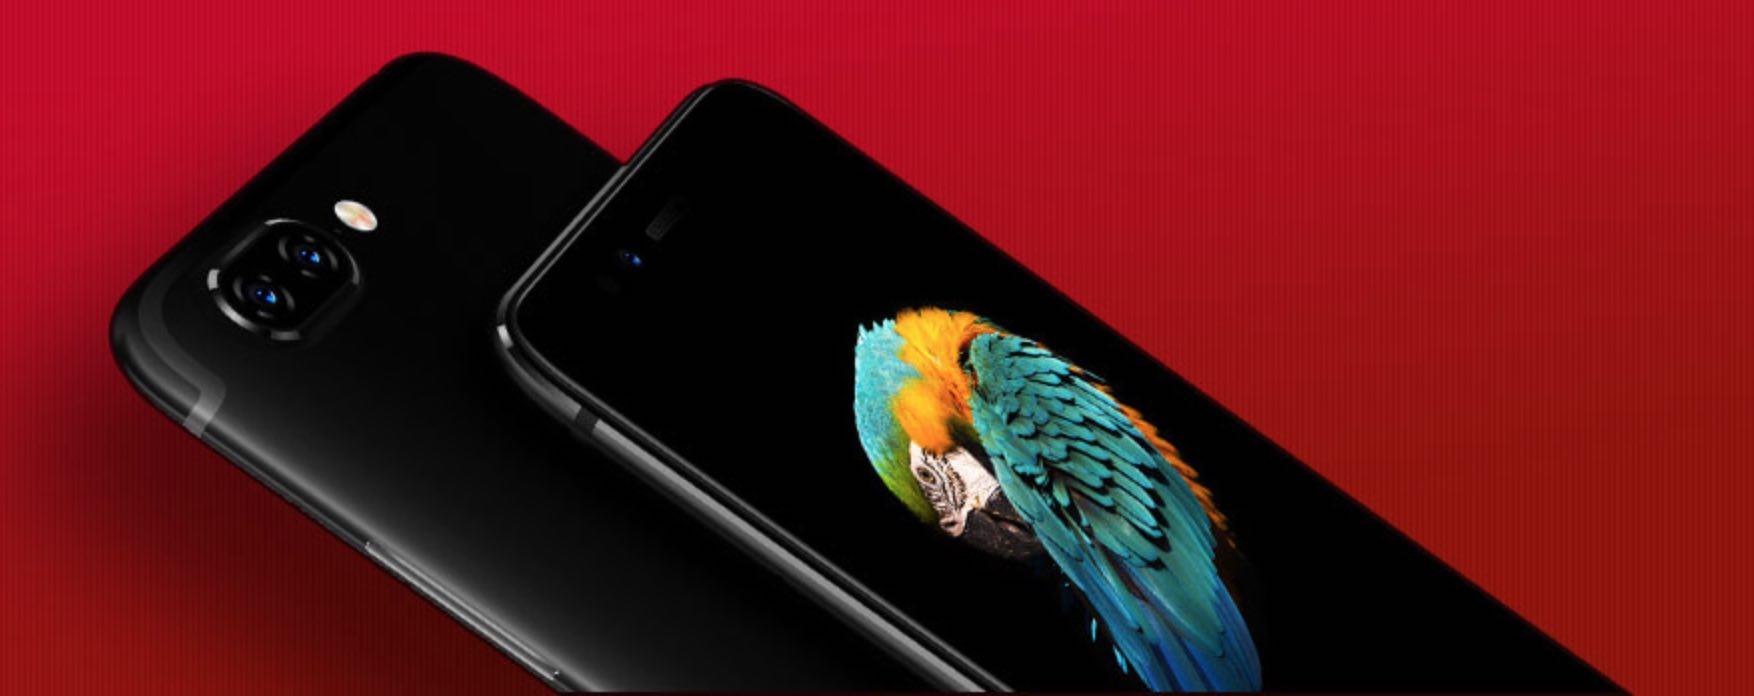 Lenovo S5 (ТОП-10 найкращих смартфонів до ₴ 3 000 на кінець 2019 року)